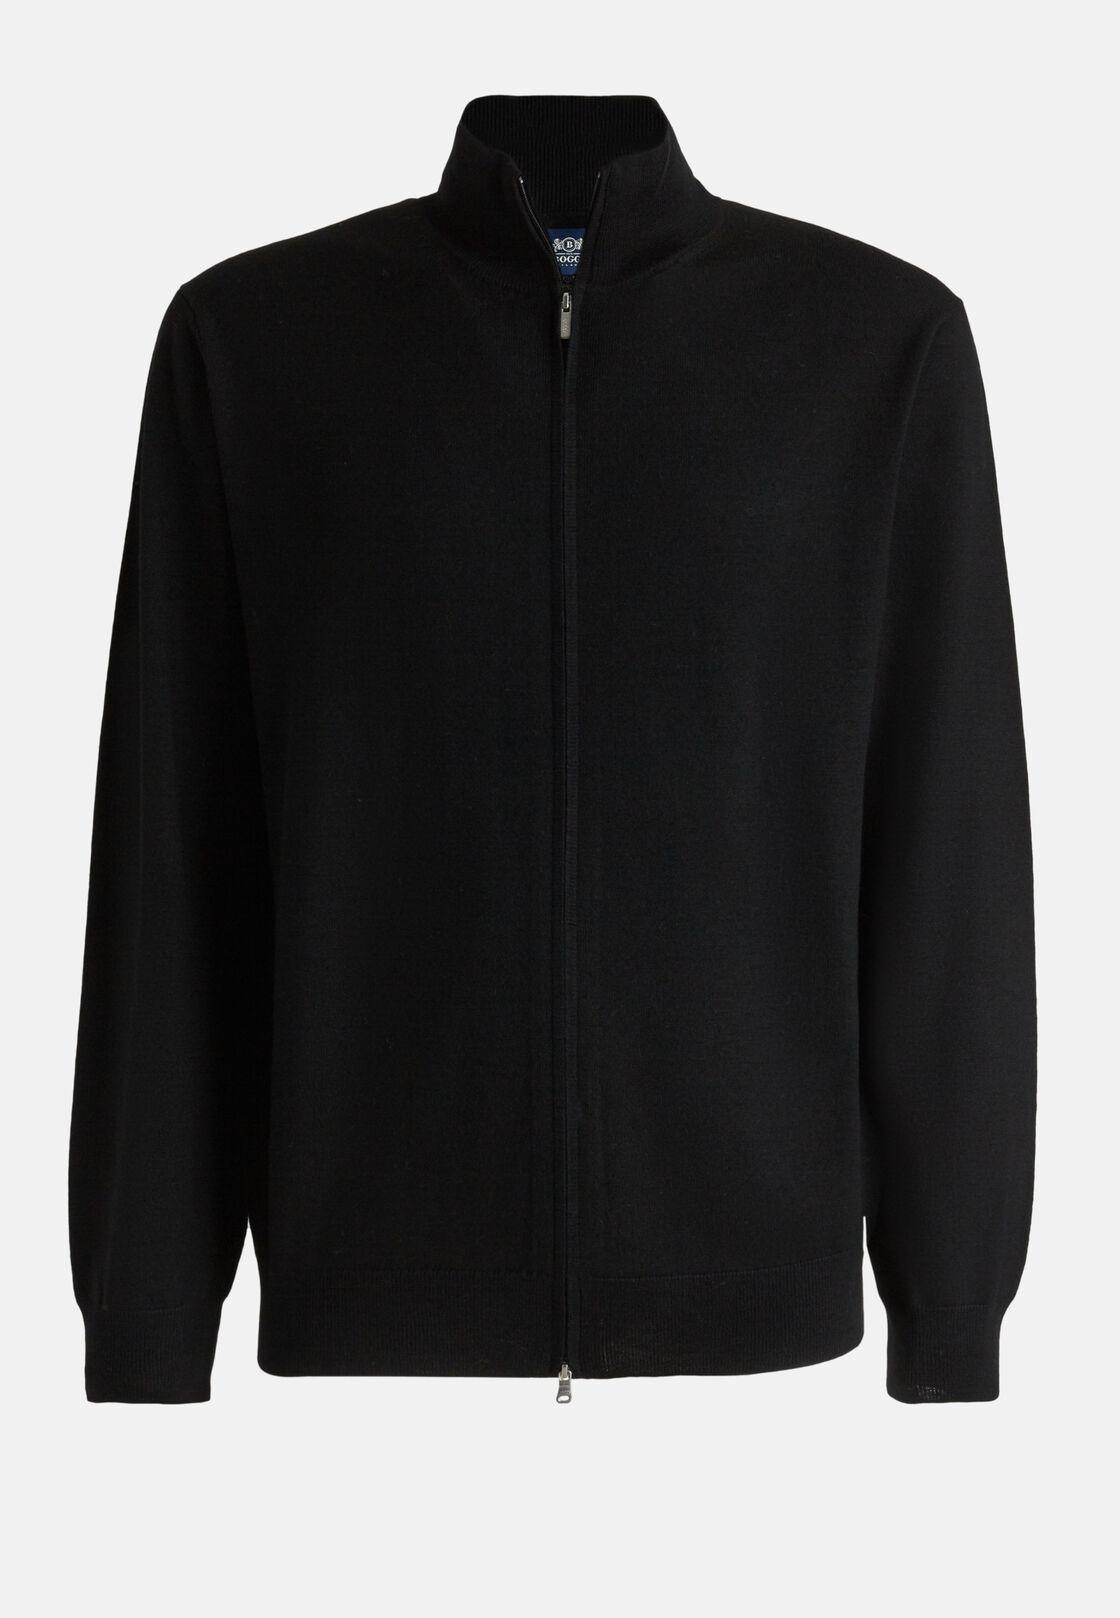 Schwarzer pullover mit durchgehendem reißverschluss aus extrafeiner merinowolle, Schwarz, hi-res